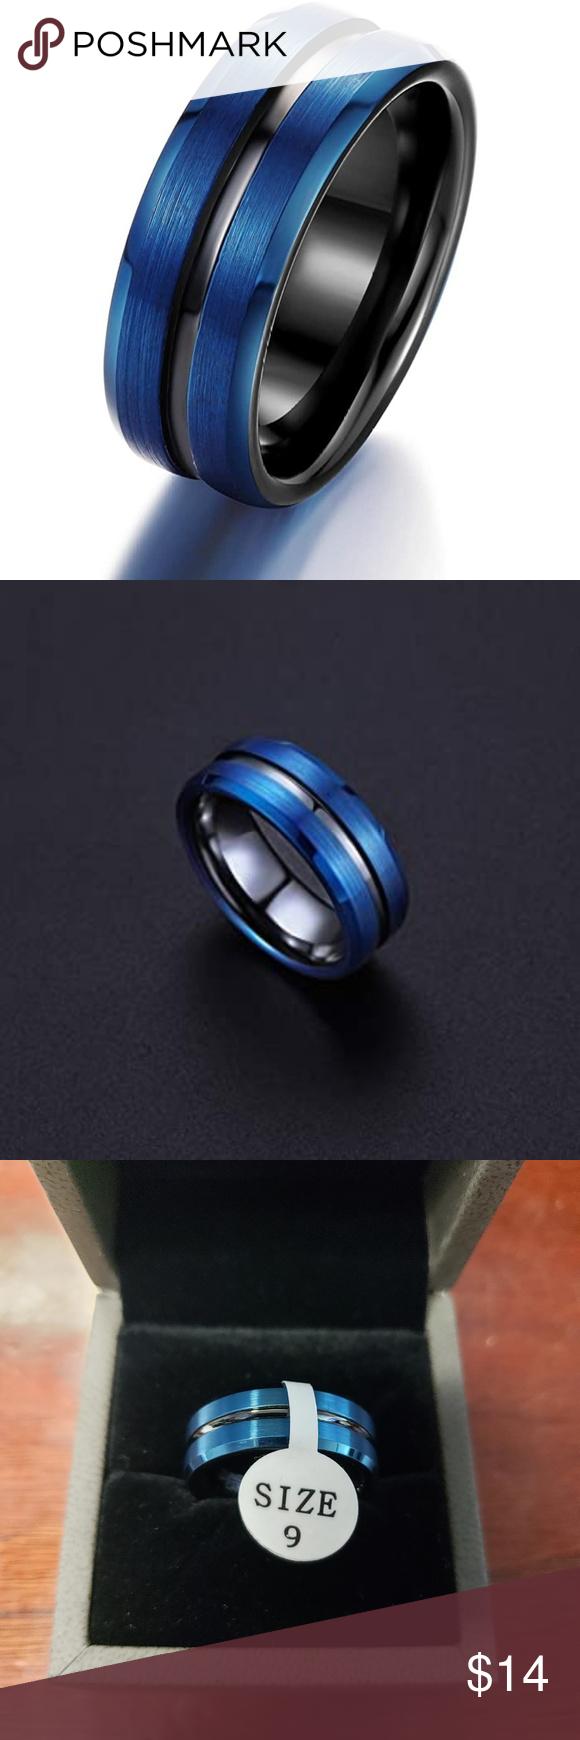 ⏬2/10 Men's Tungsten Carbide Ring 8mm Dark Blue 9 NWT in